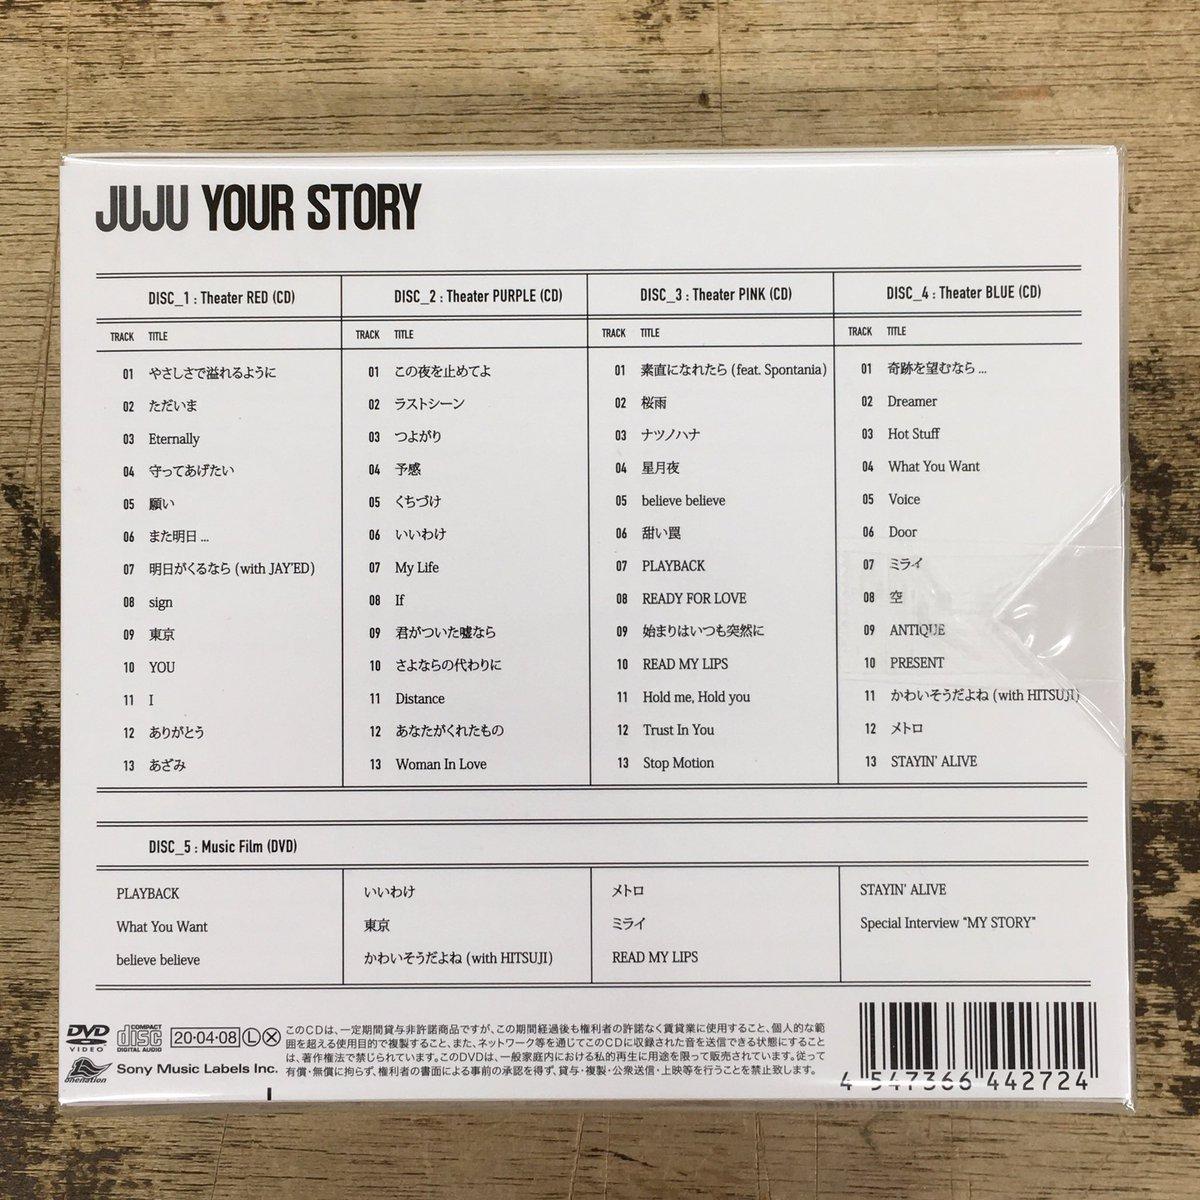 Juju ベスト アルバム 最新